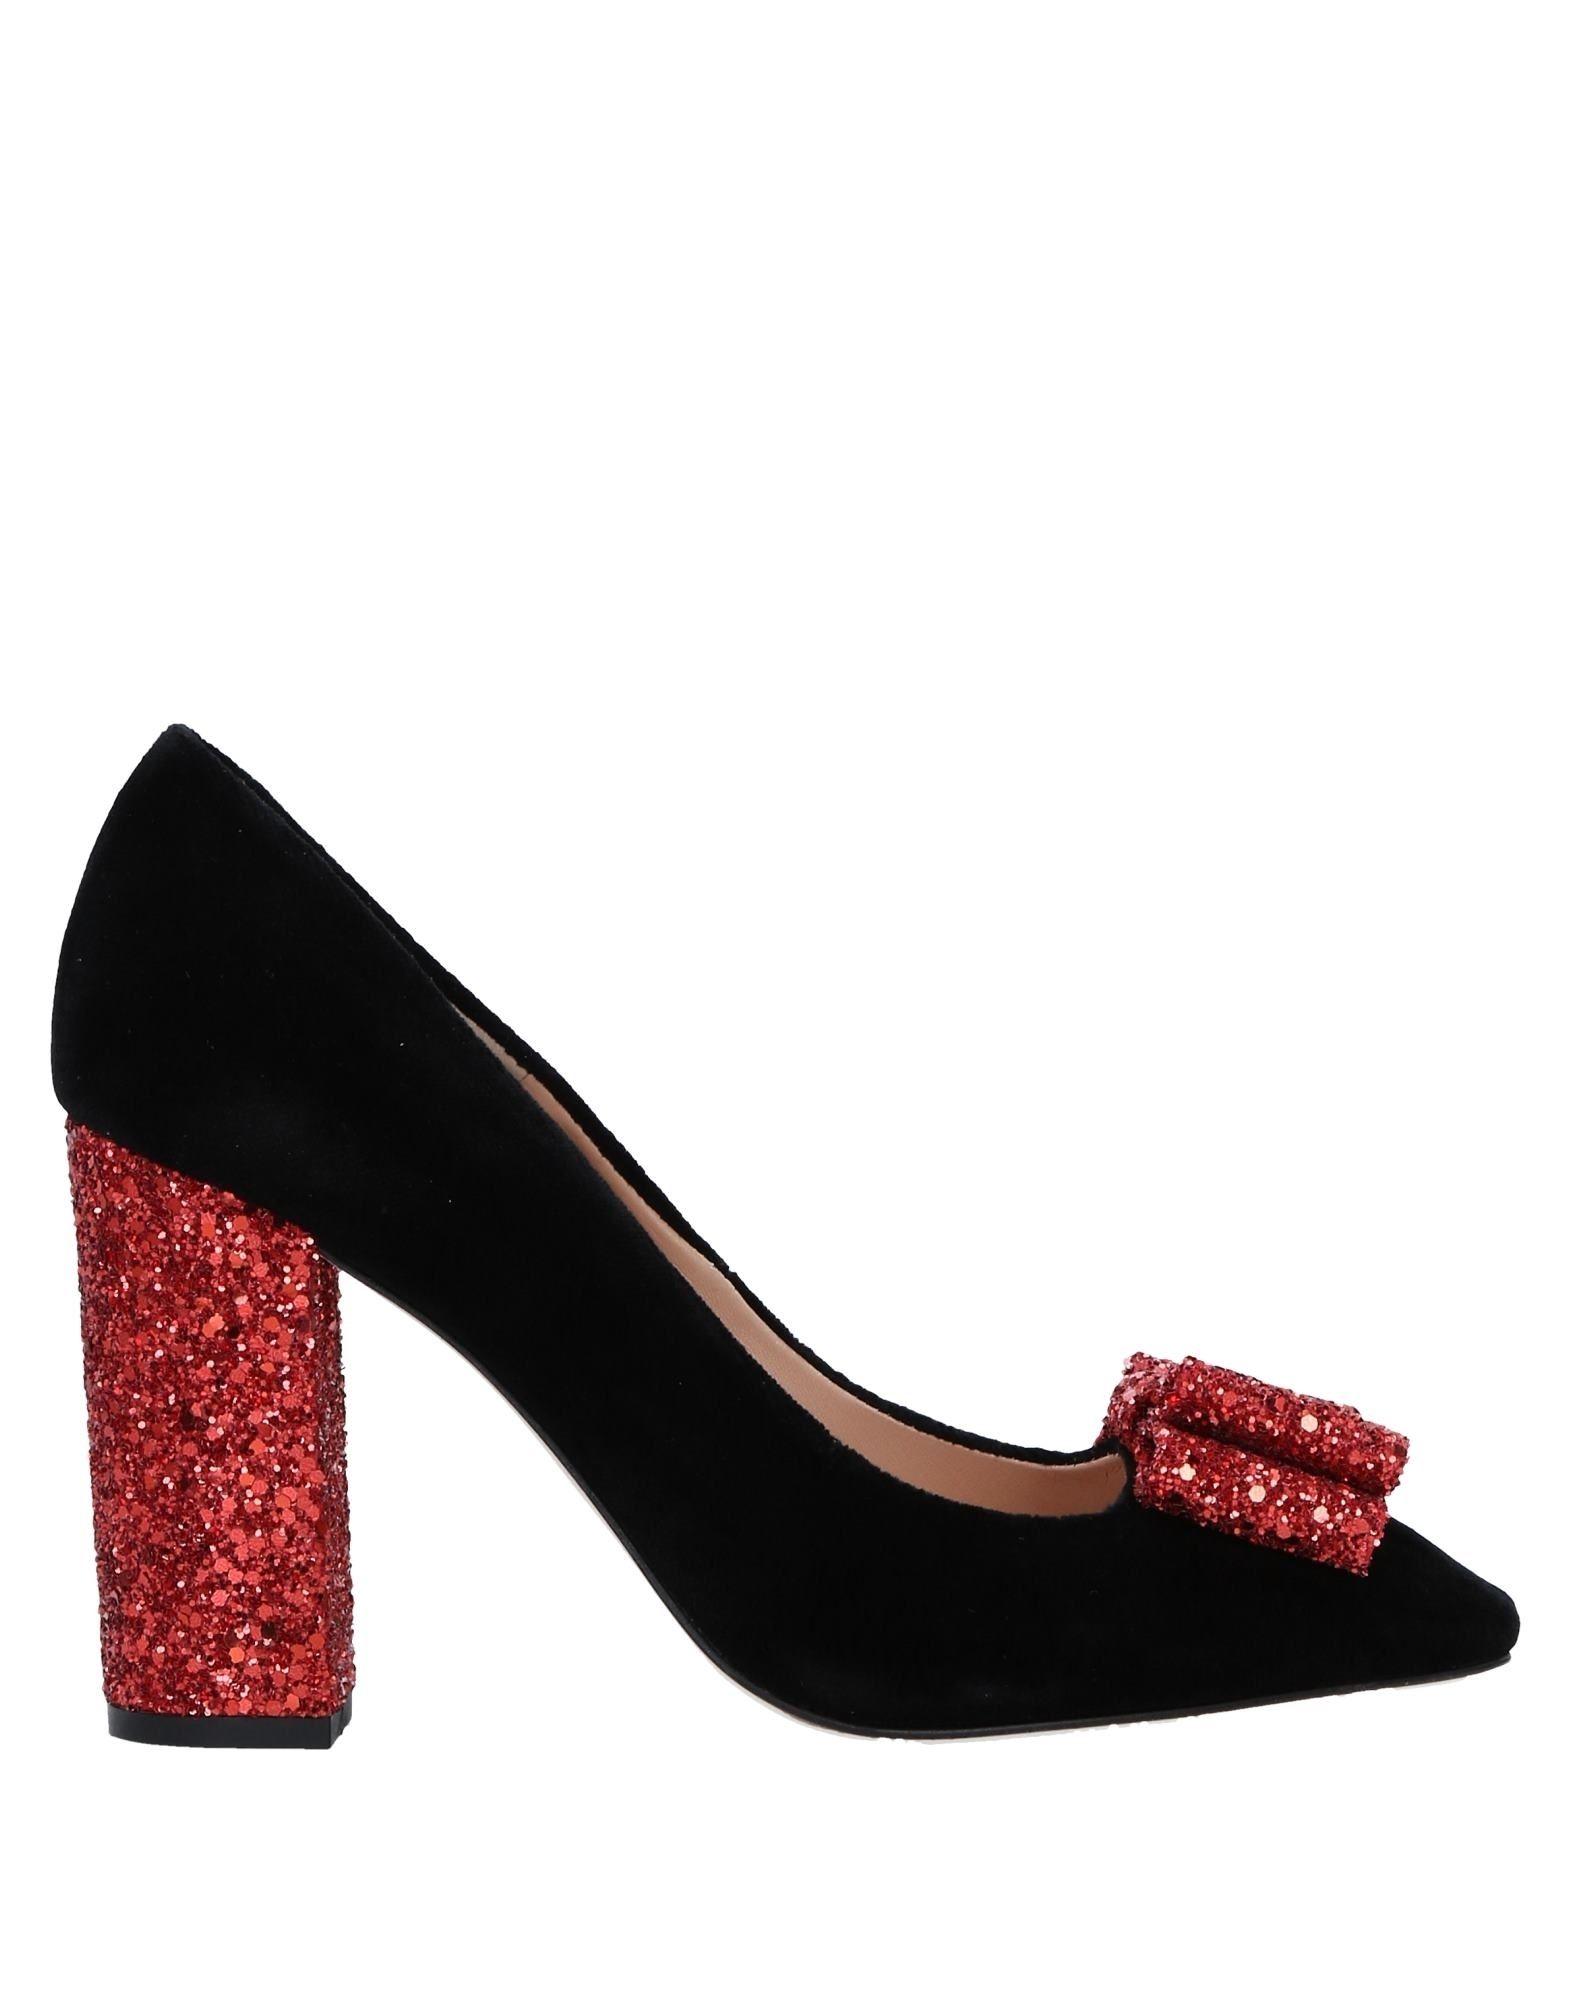 Hannibal Laguna Pumps Damen  11541569WL Gute Qualität beliebte Schuhe